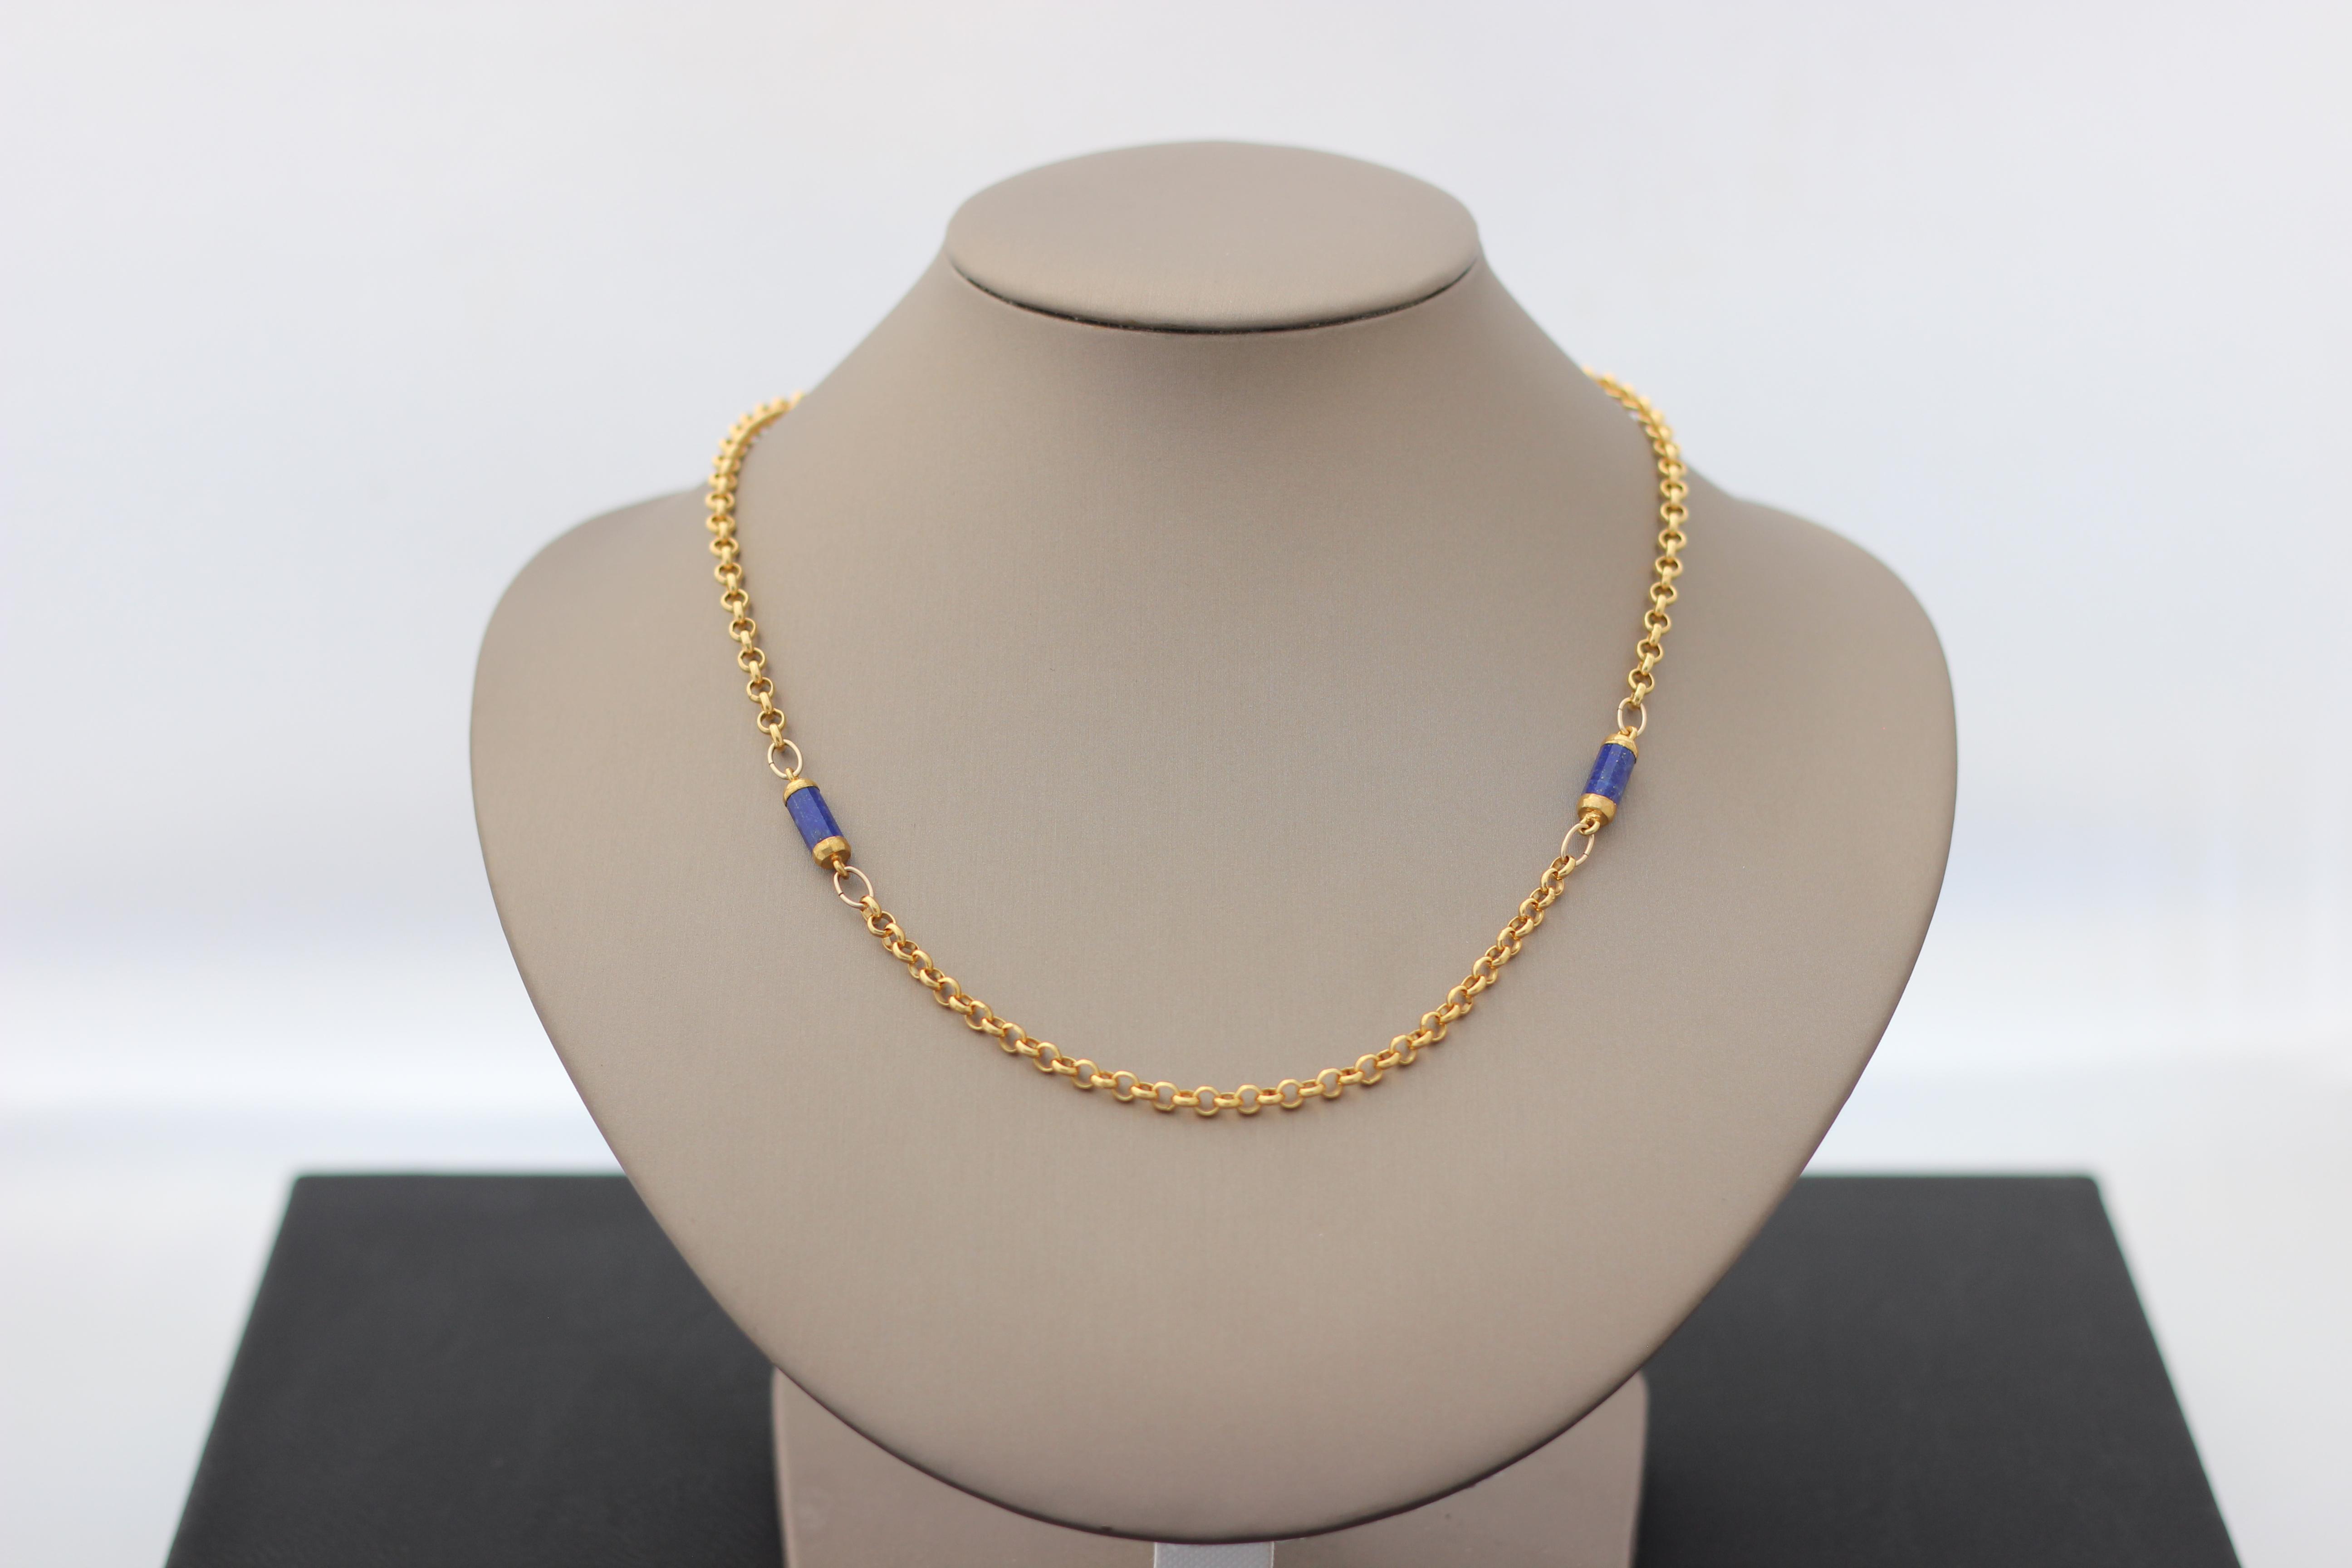 8. Gold Rolo, Lapis | $192